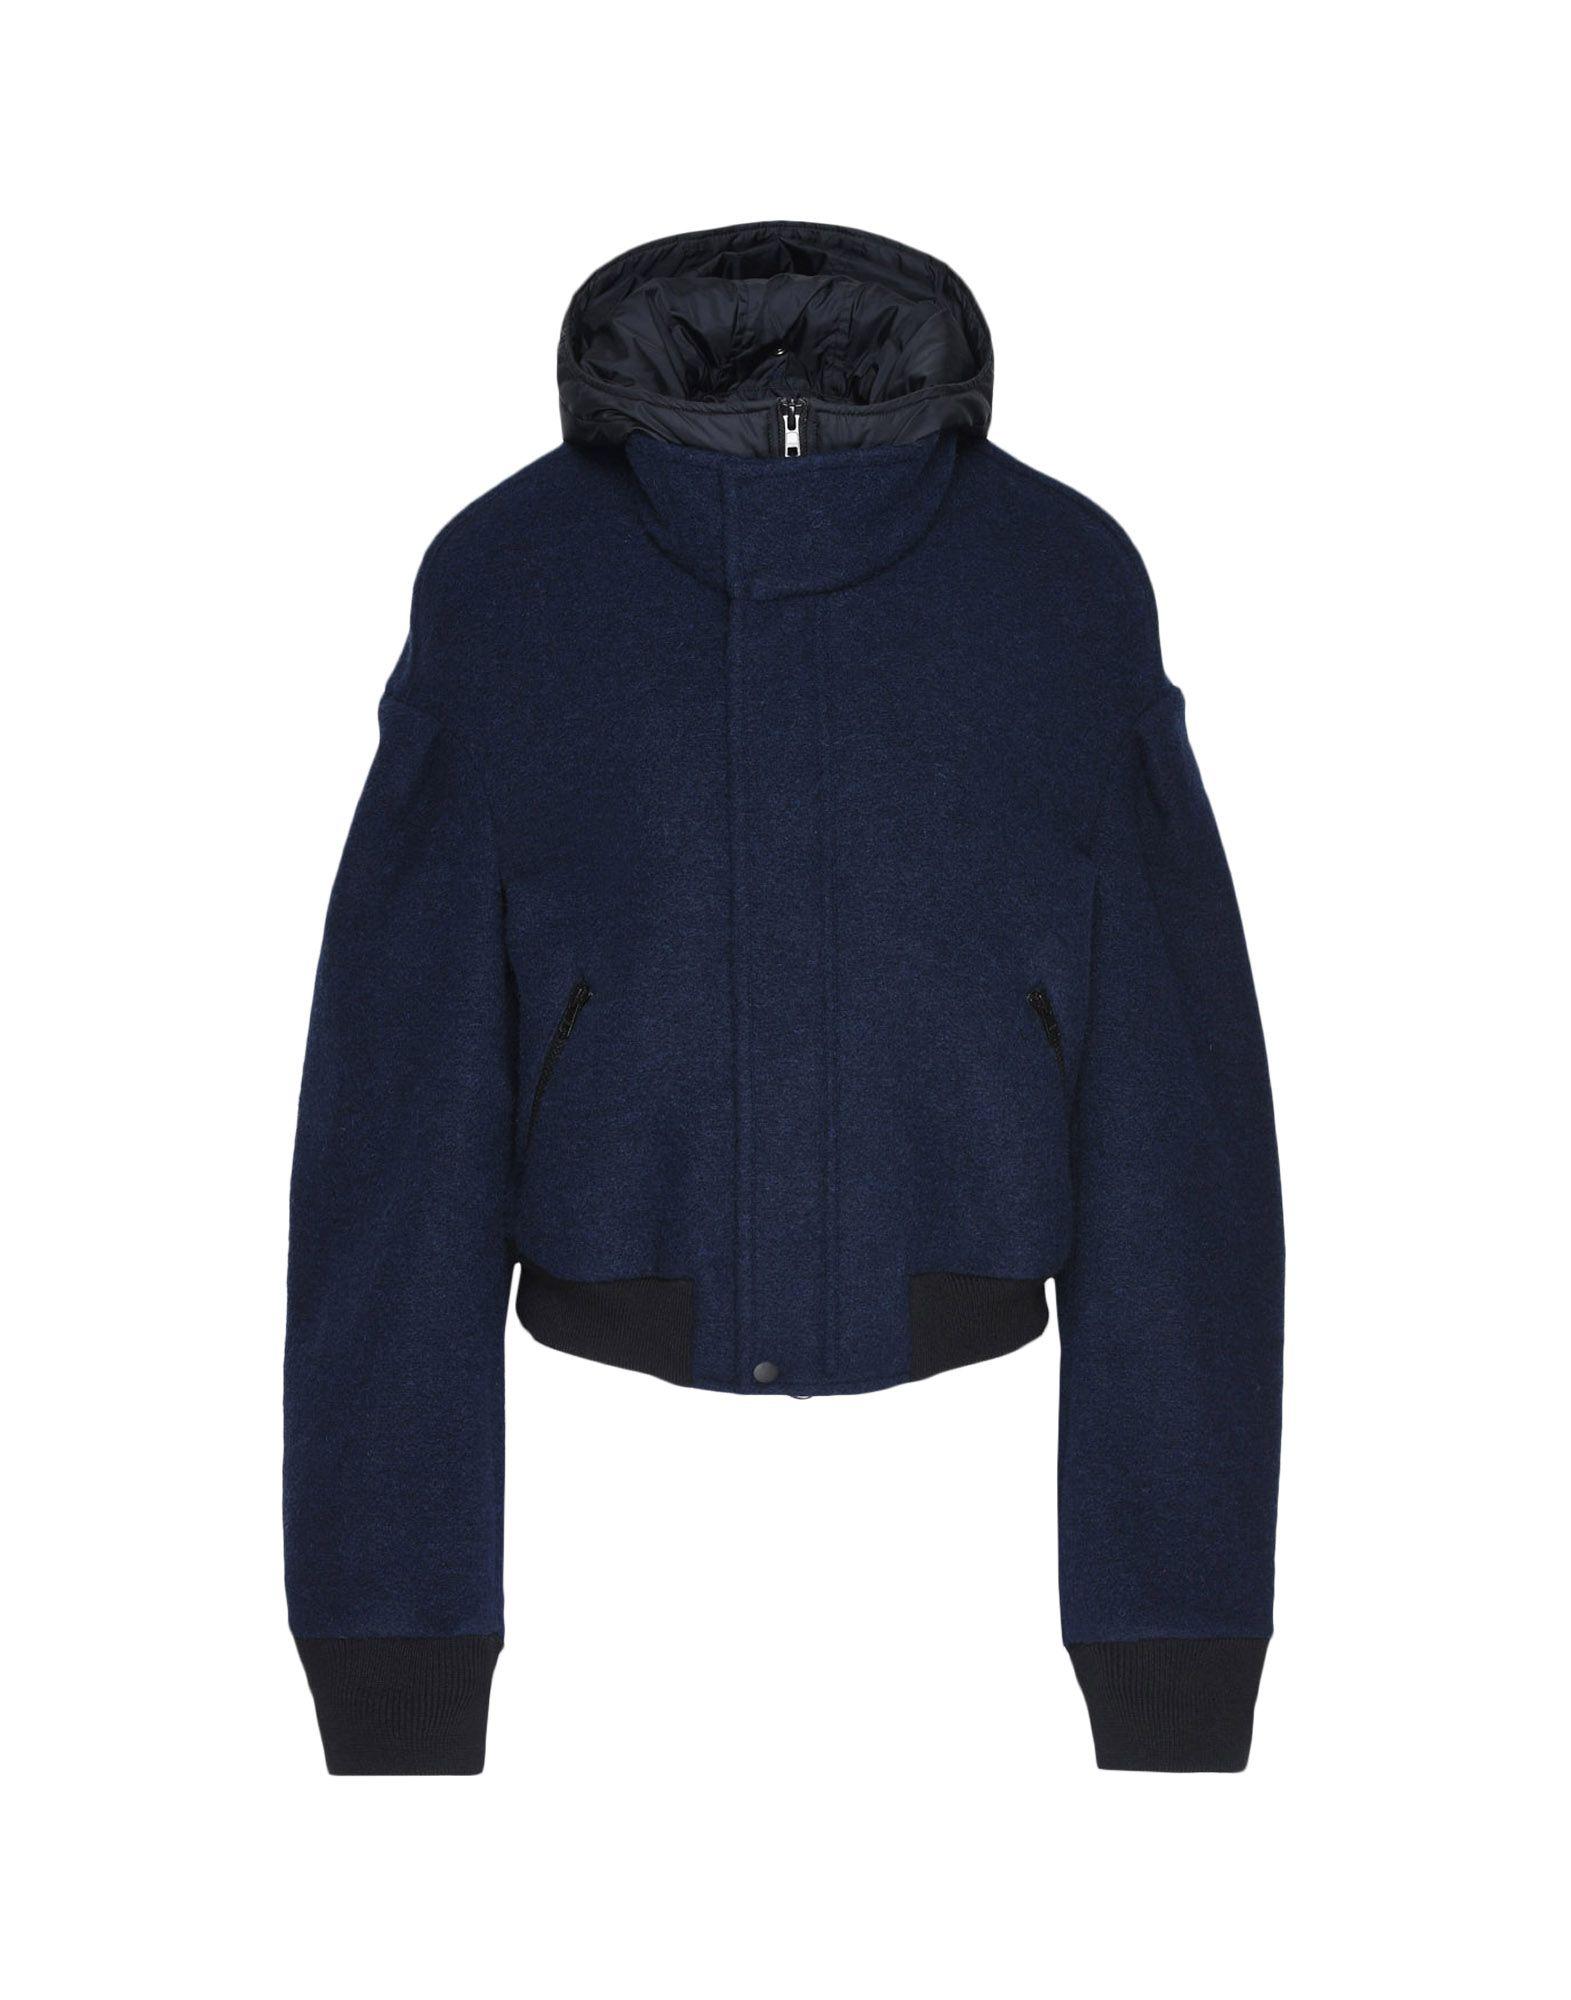 Y-3 Y-3 Wool Hoodie Jacket ブルゾン レディース f